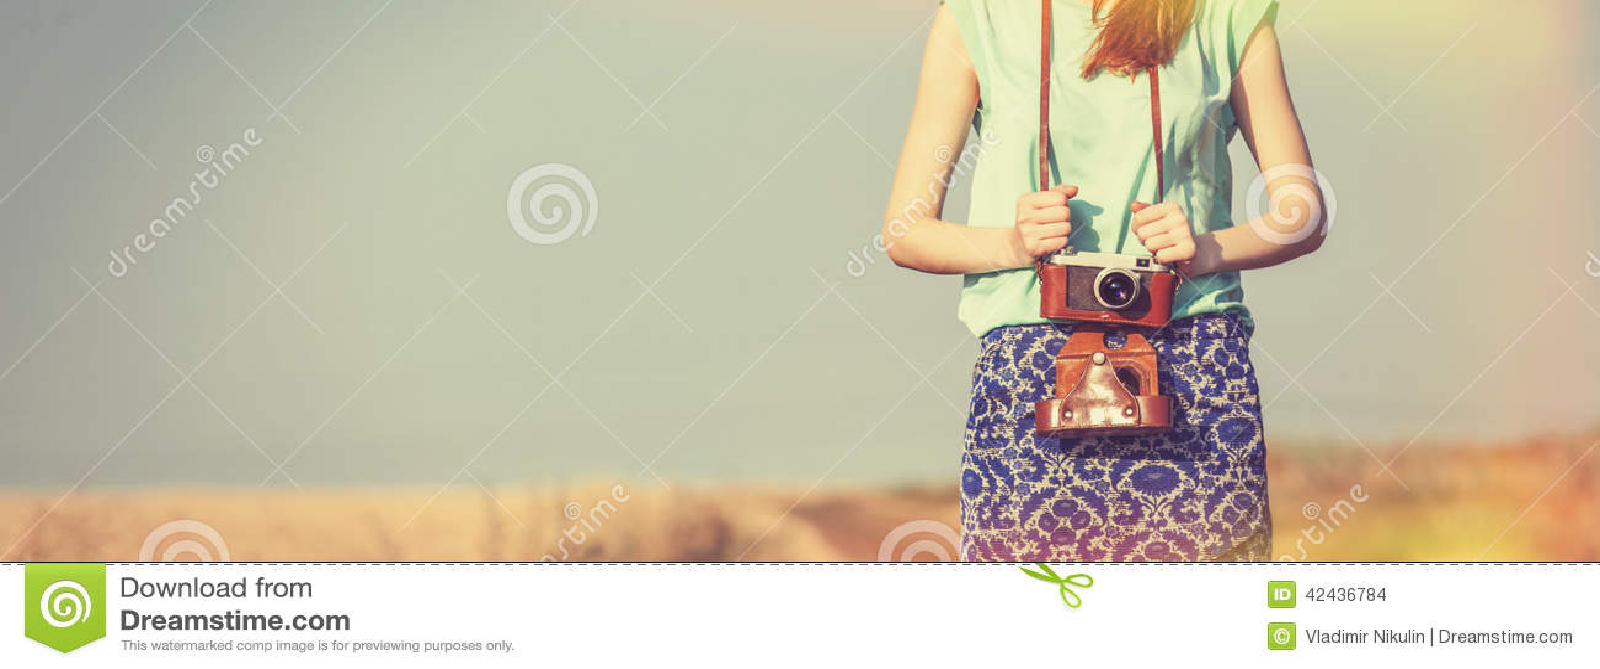 Muchacha con la cámara